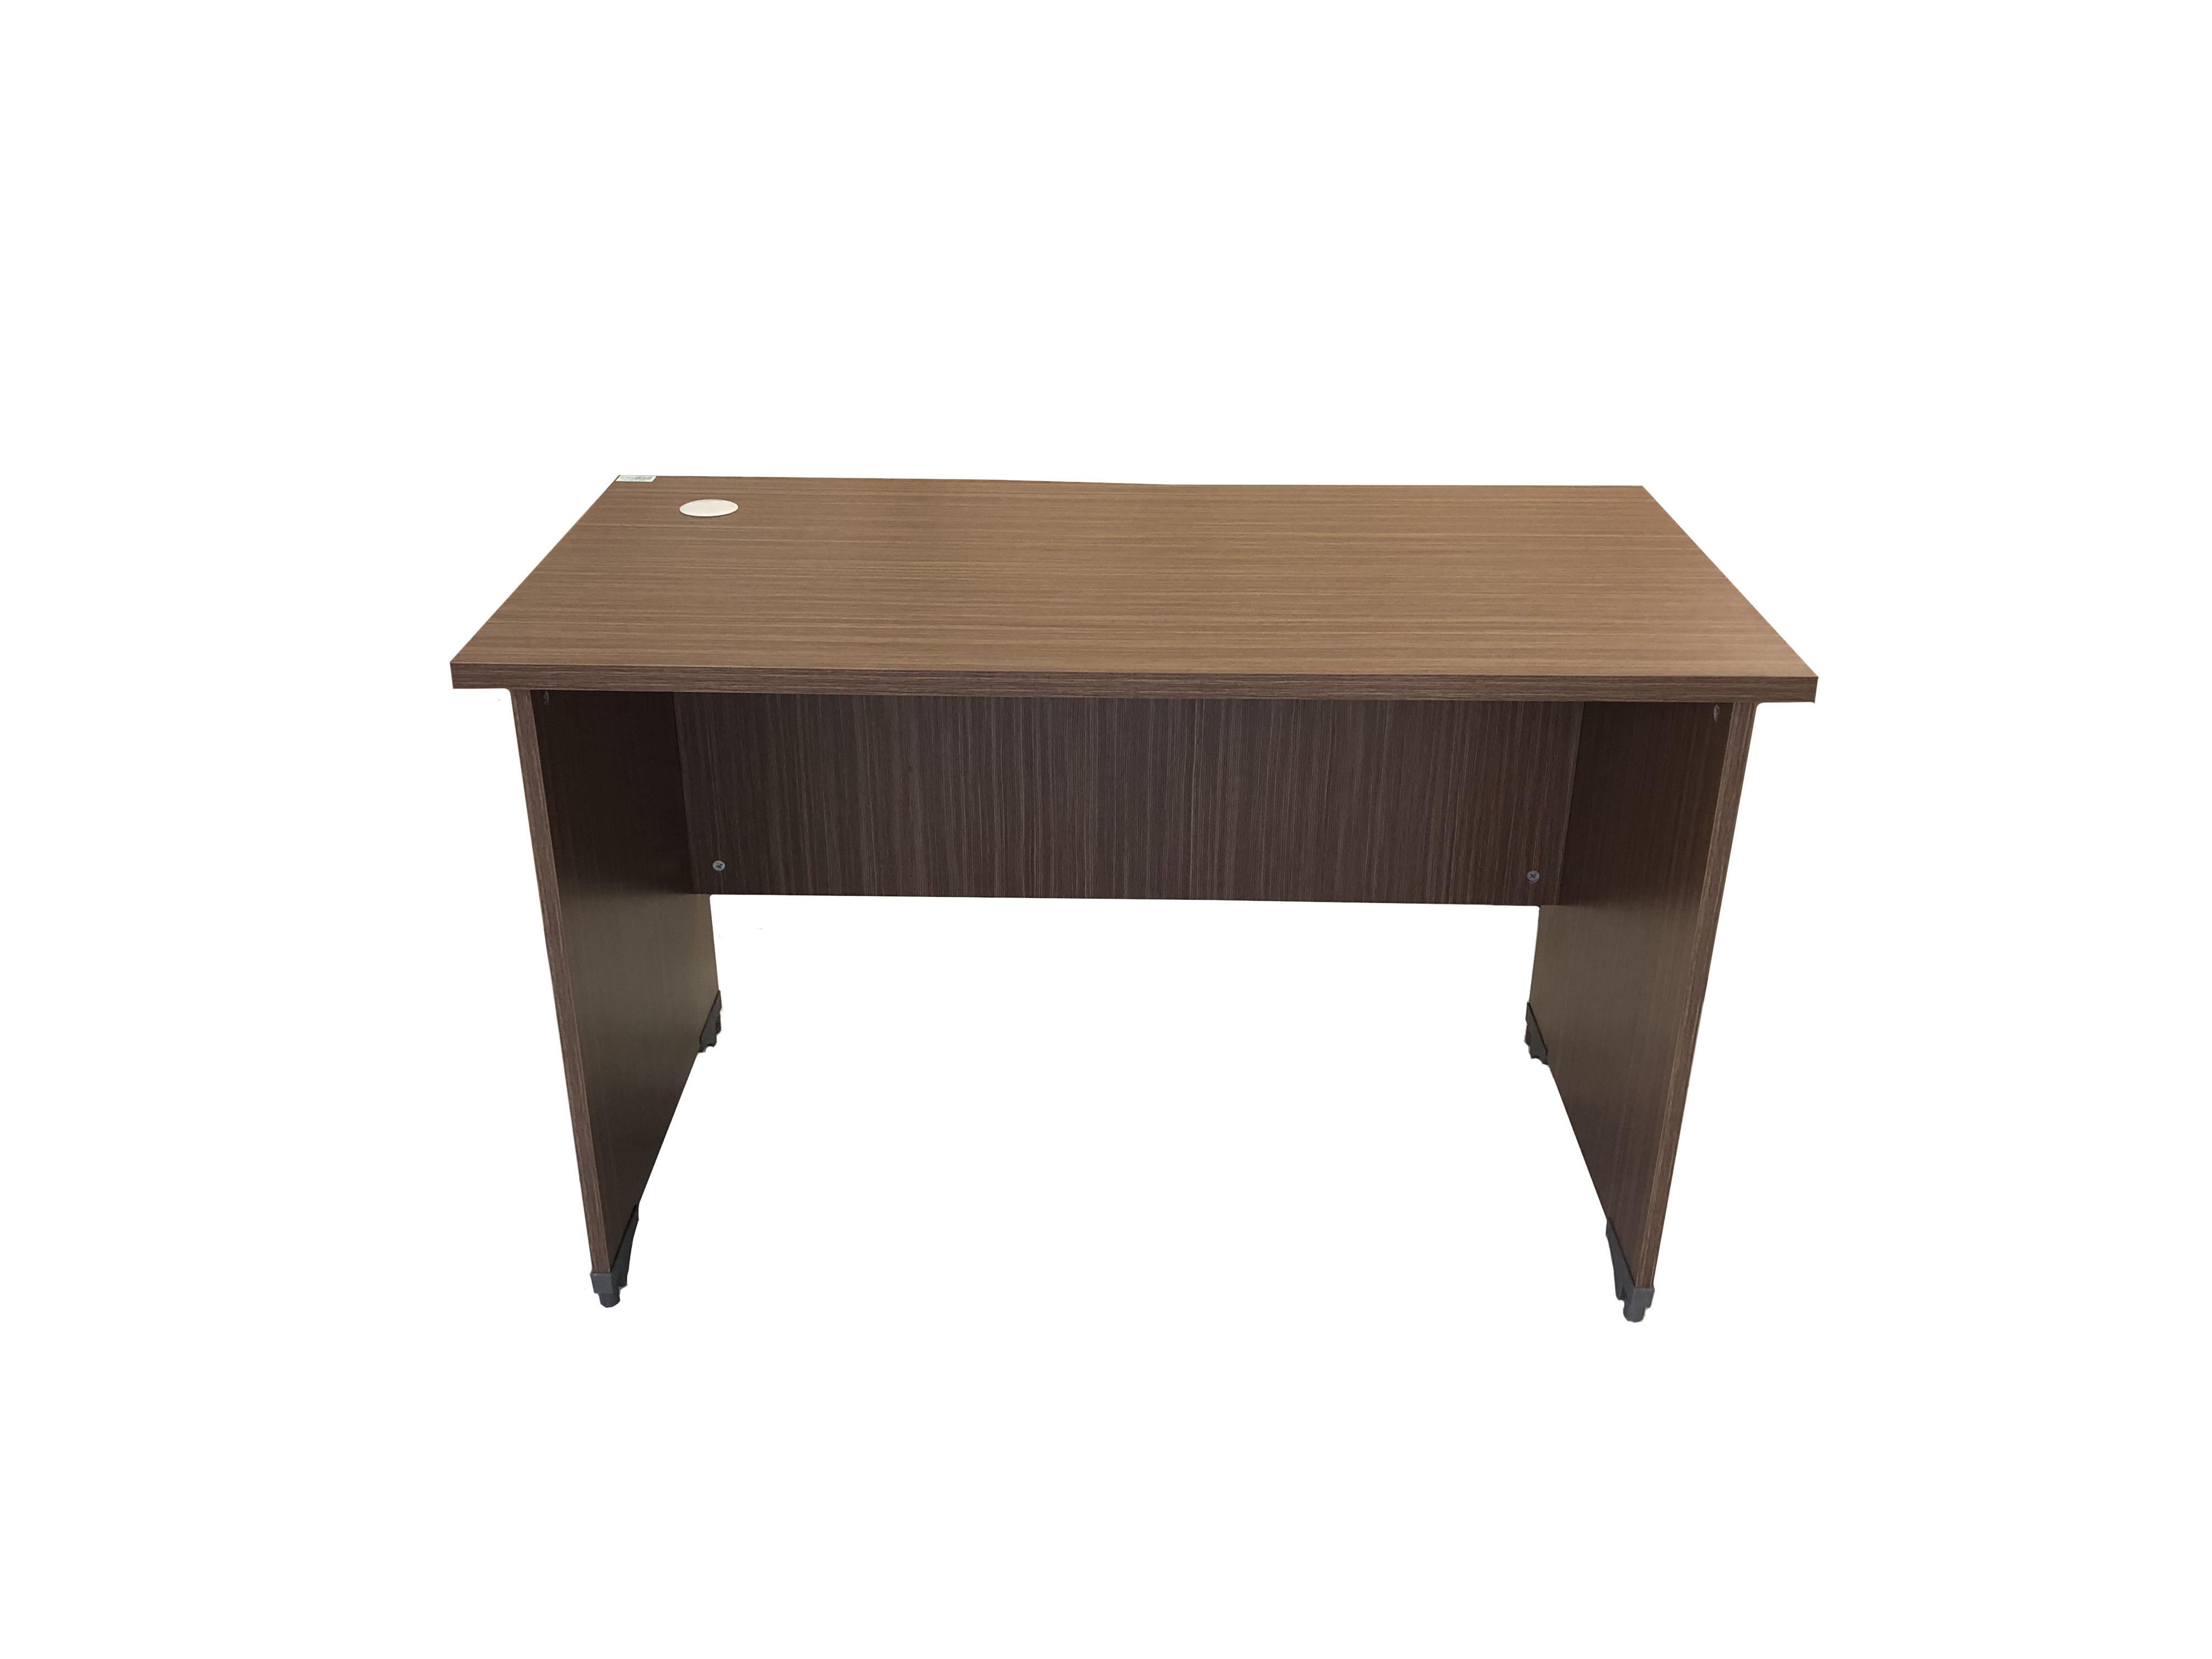 bàn văn phòng gỗ tg801m